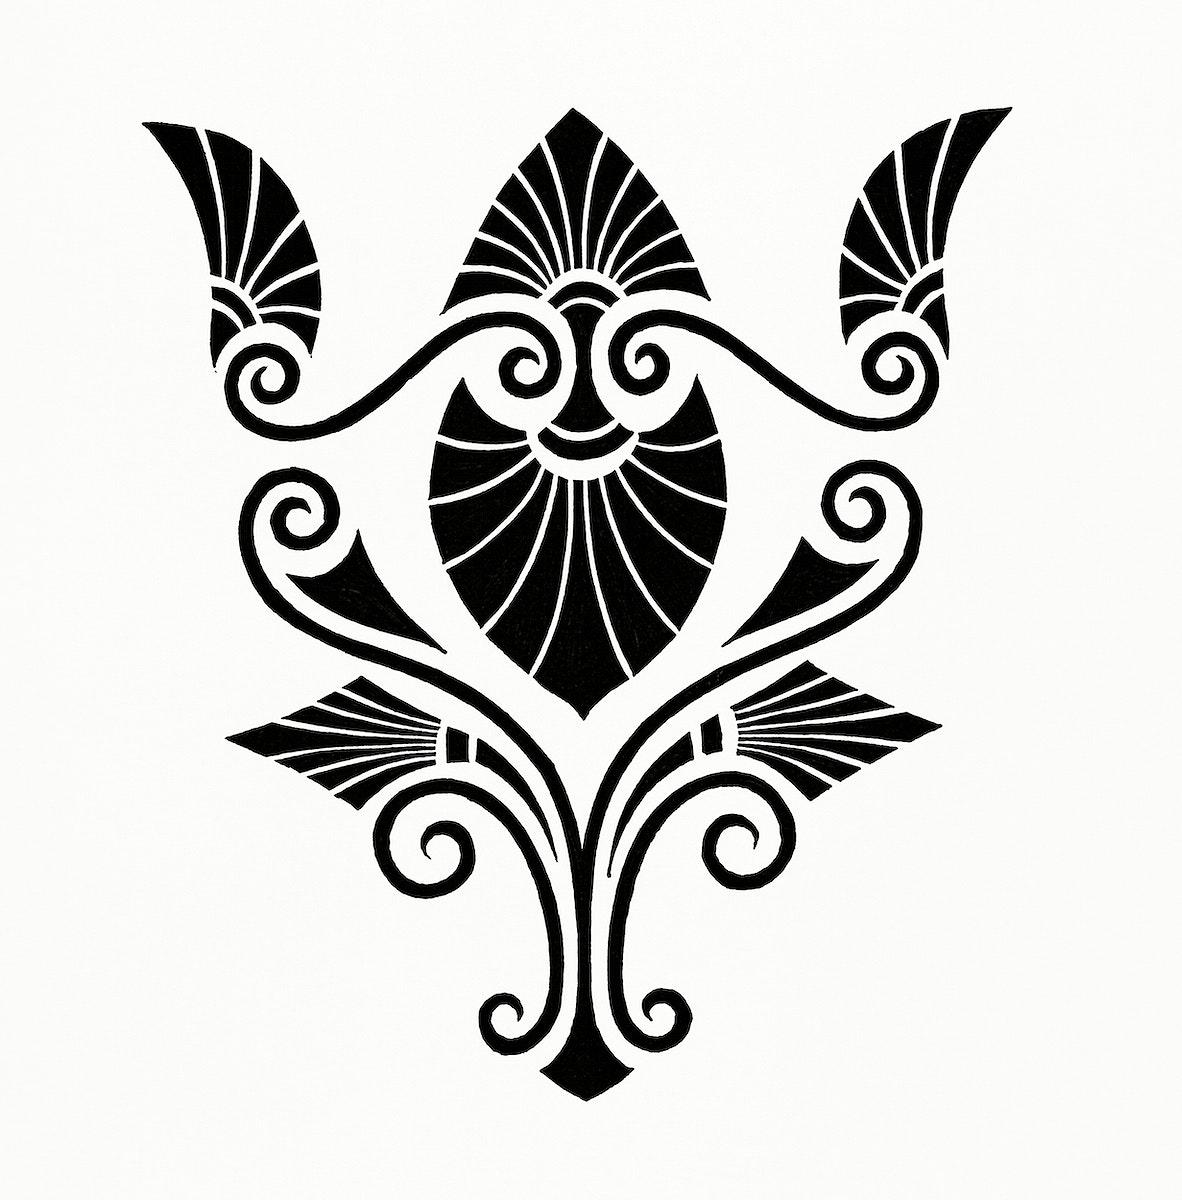 Vintage illustration of Elegant Decorative Design